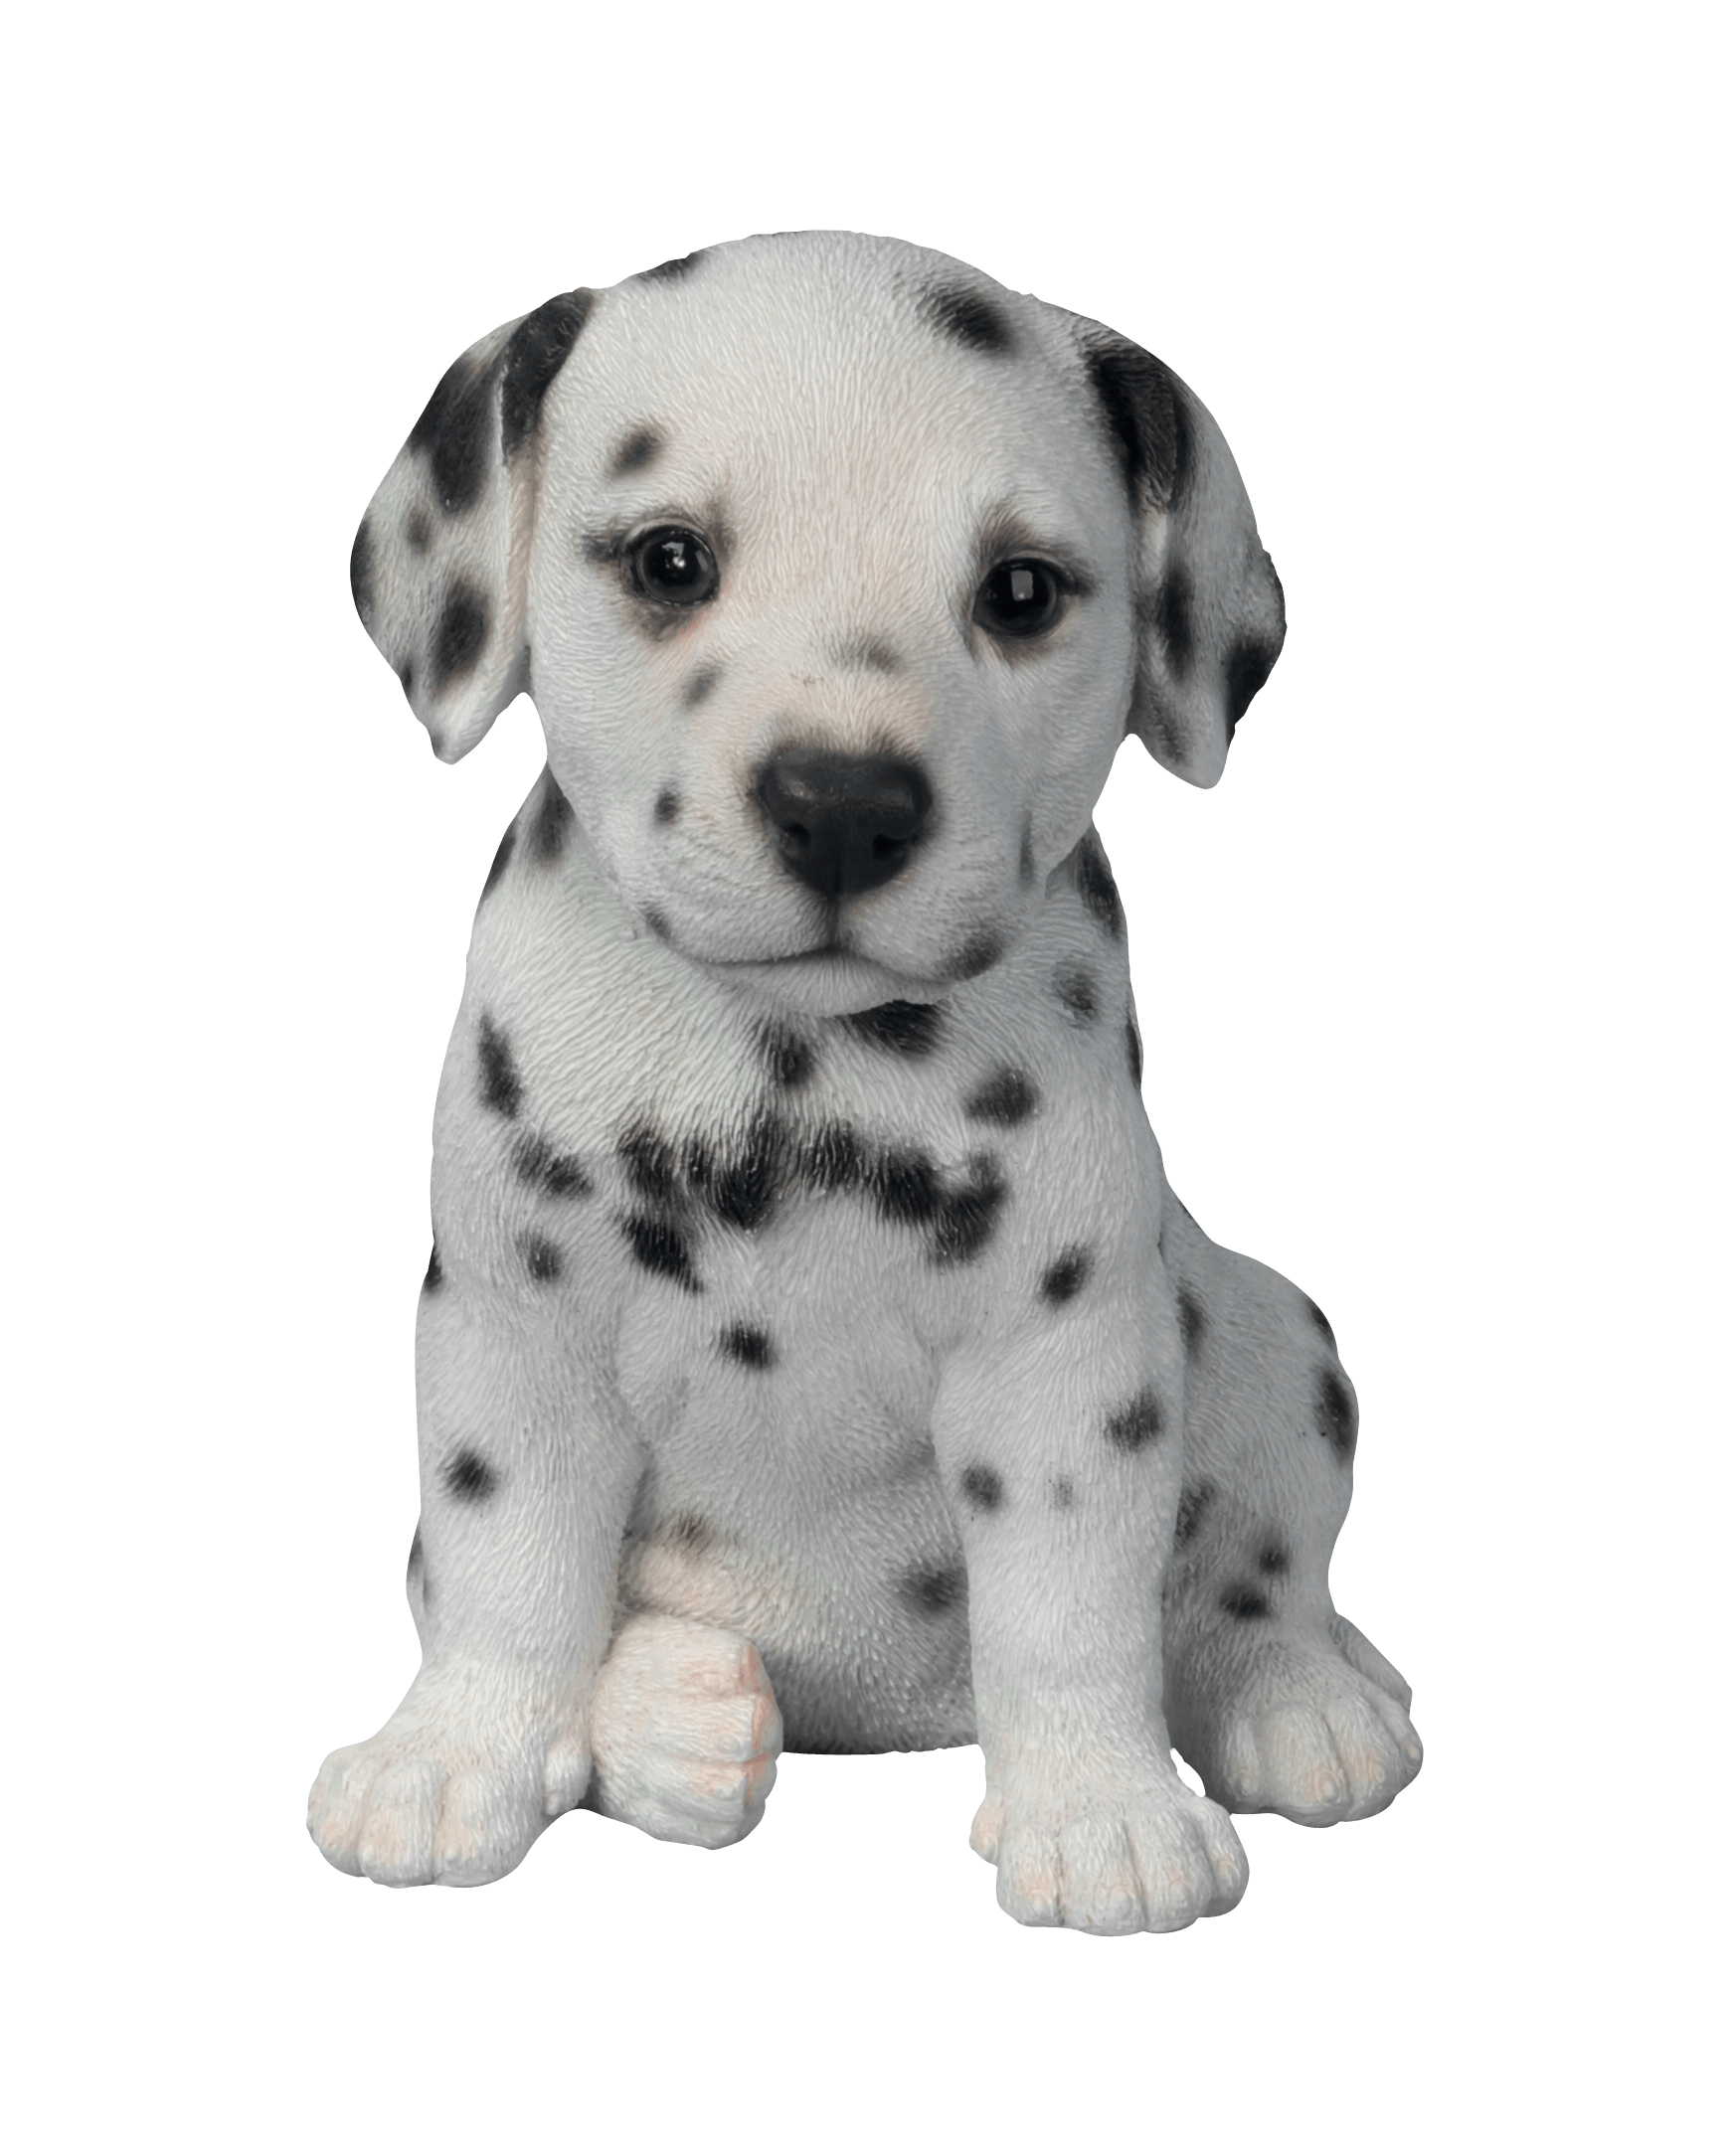 Dalmatian Puppy - Dalmatian Dog PNG